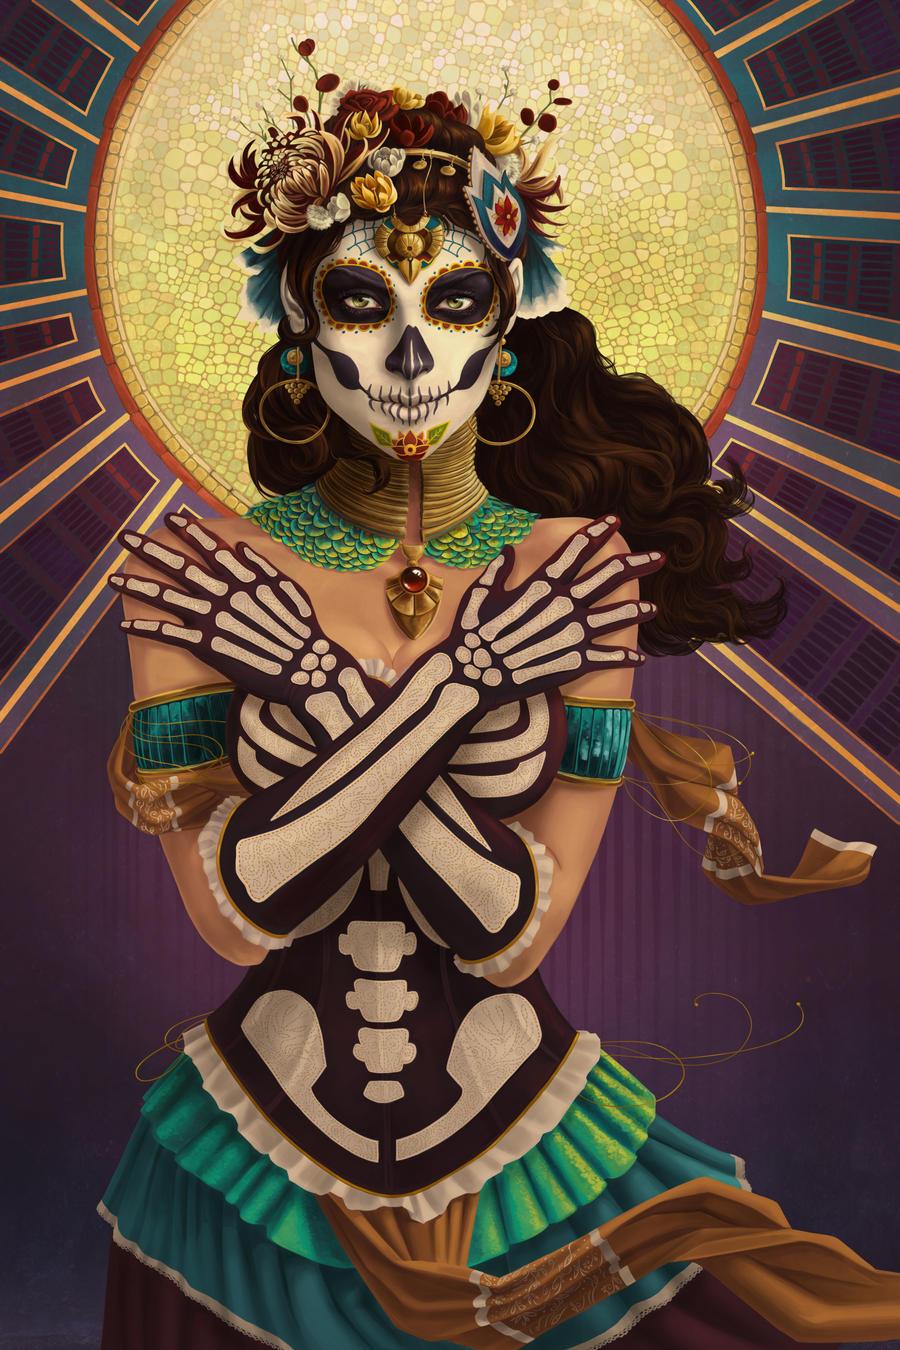 http://img00.deviantart.net/9ced/i/2013/240/c/0/dia_de_los_muertos___crossbones_by_chronoperates-d6k182a.jpg